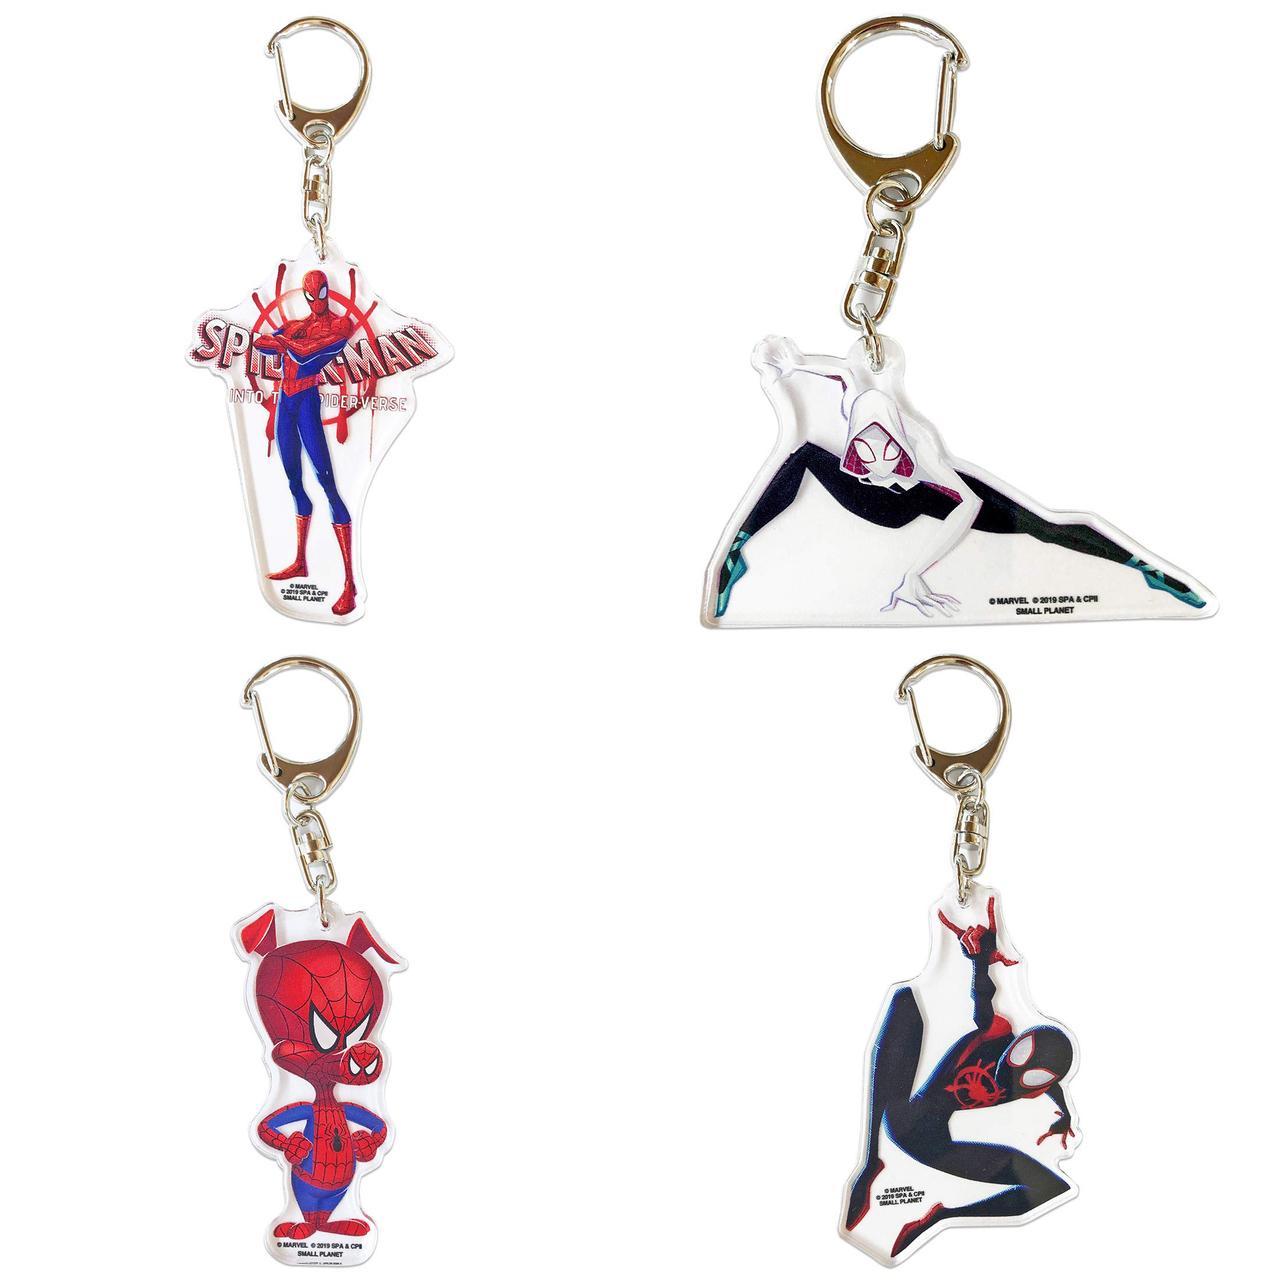 「スパイダーマン:スパイダーバース」コレクションにぴったりなグッズ発売!